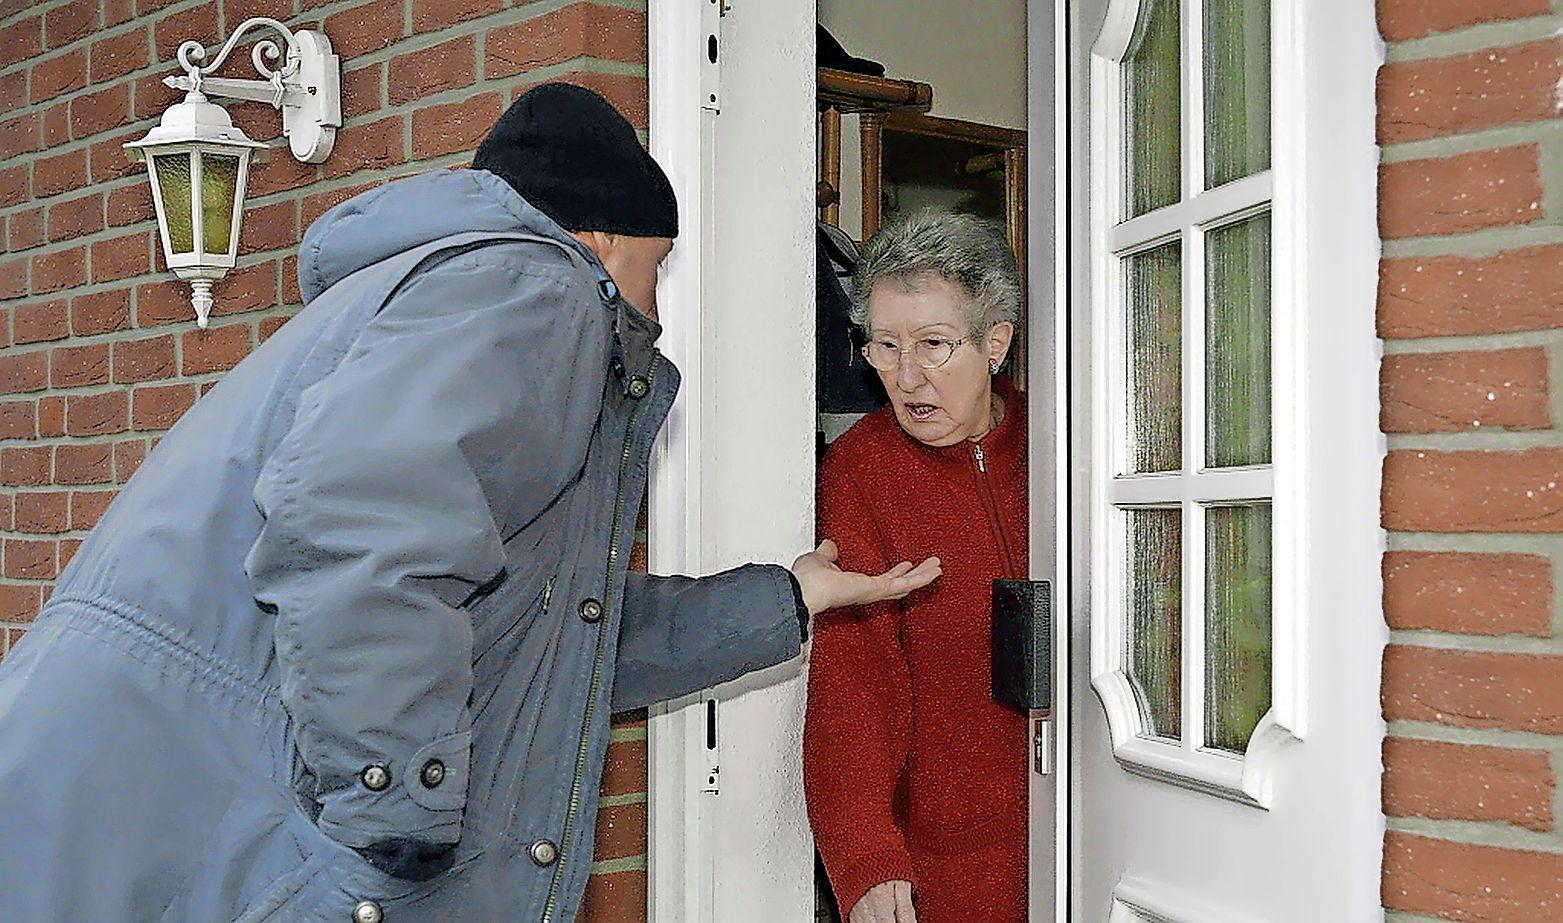 Babbeltruc-crimineel actief in Bussum. Oplichter doet zich voor als PostNL-medewerker